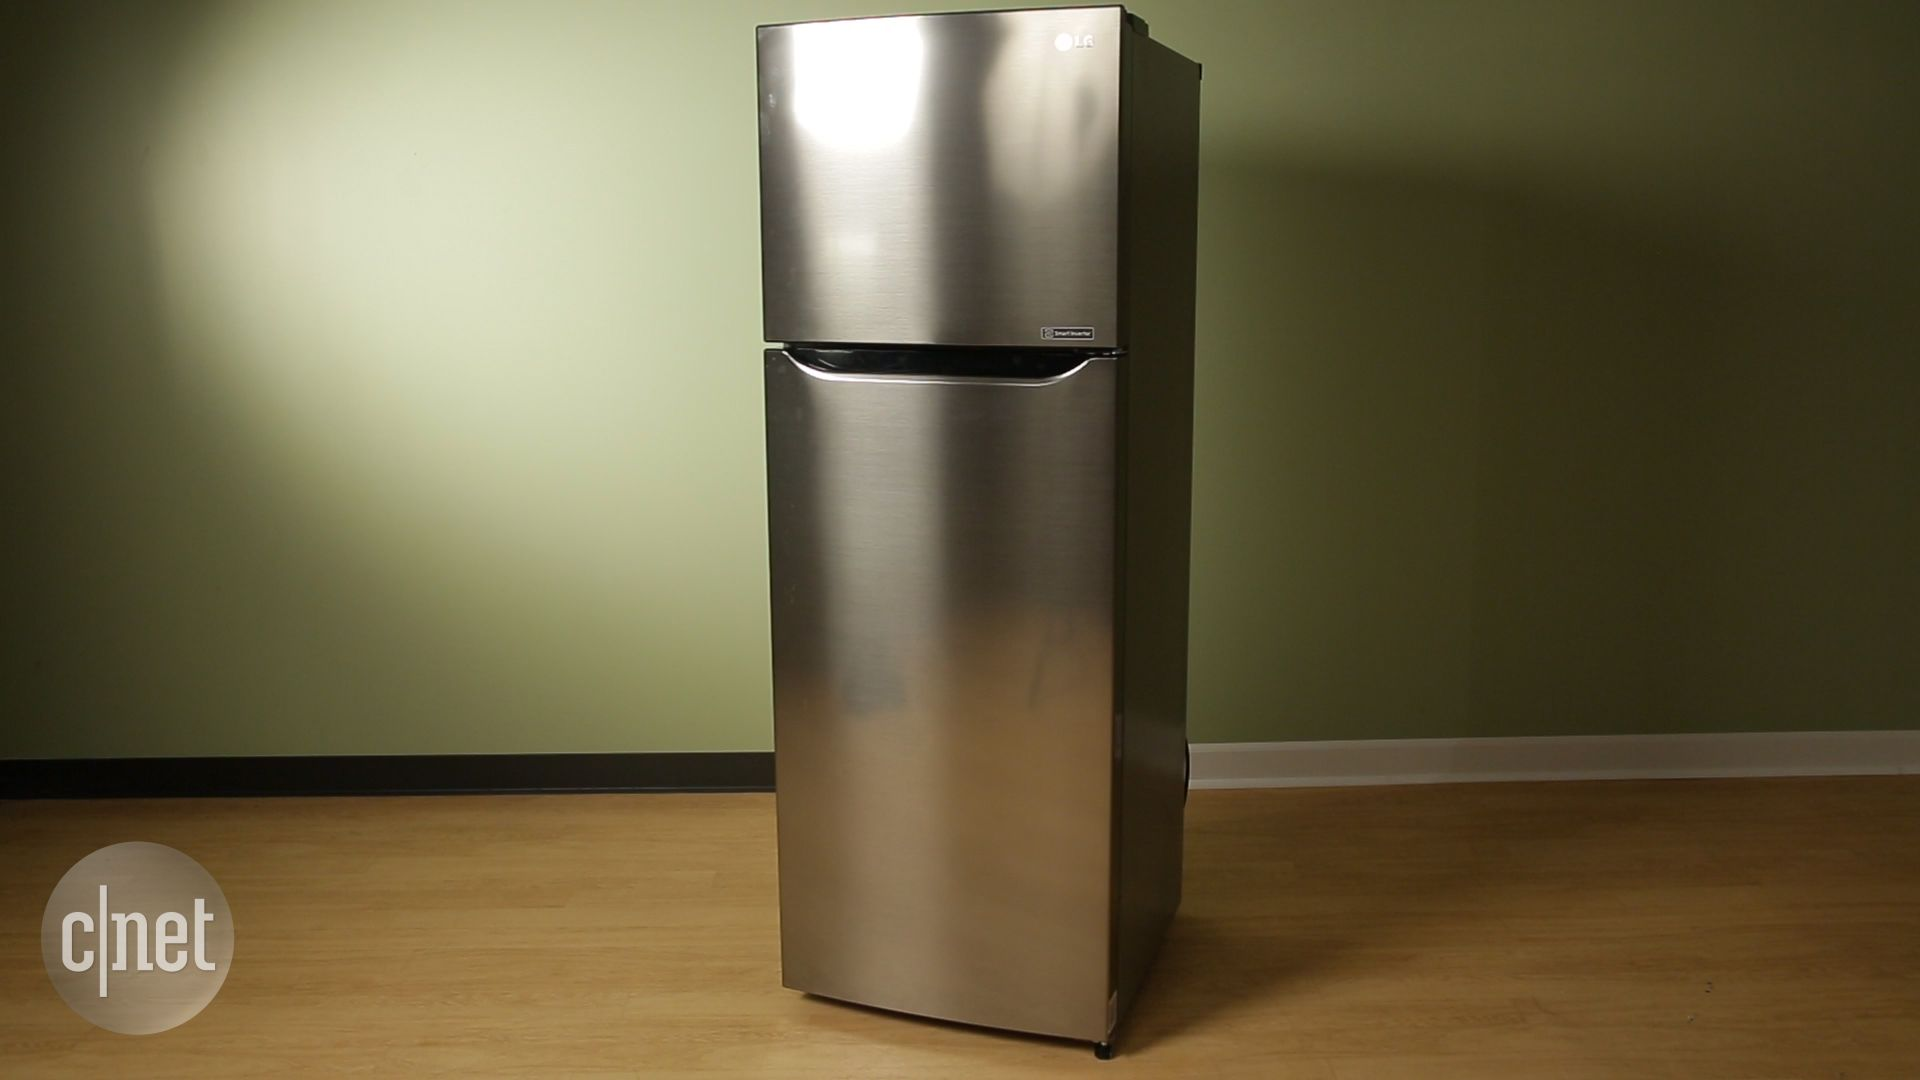 Here's the skinny on LG's smallest fridge video - CNET